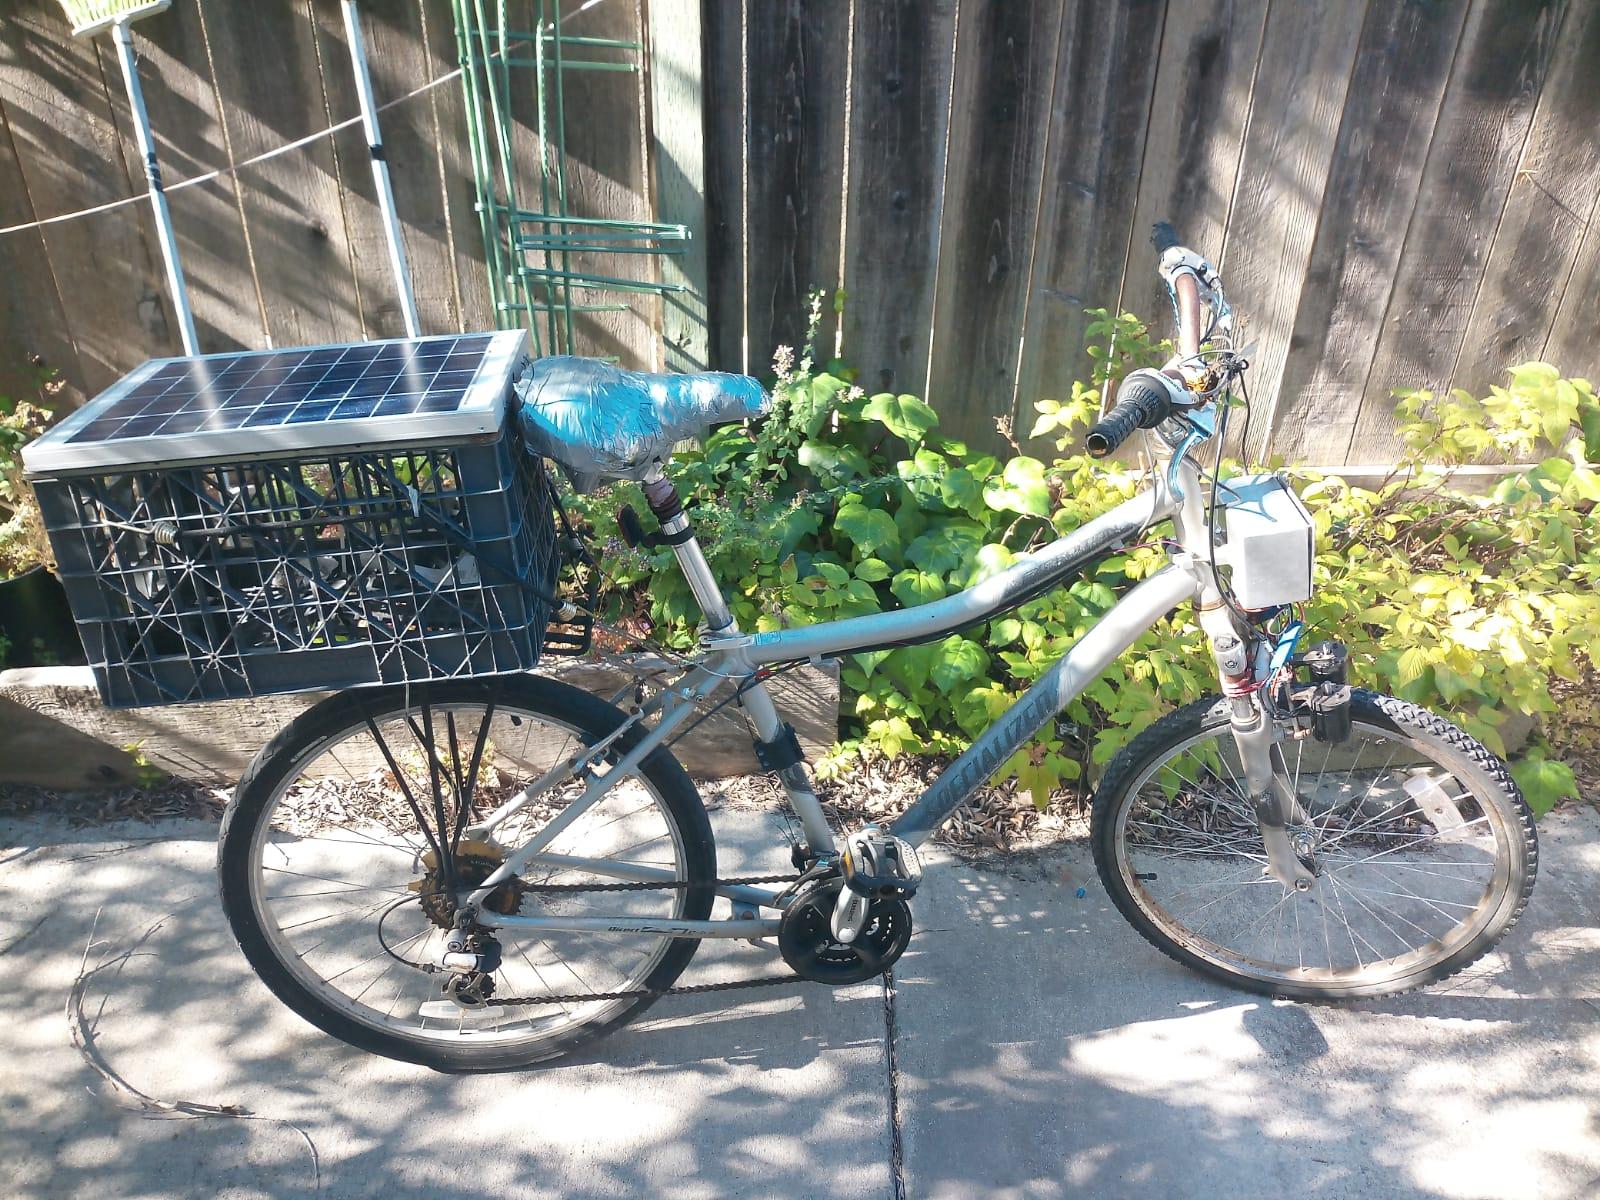 The New Bike - Custom Saddle and All!